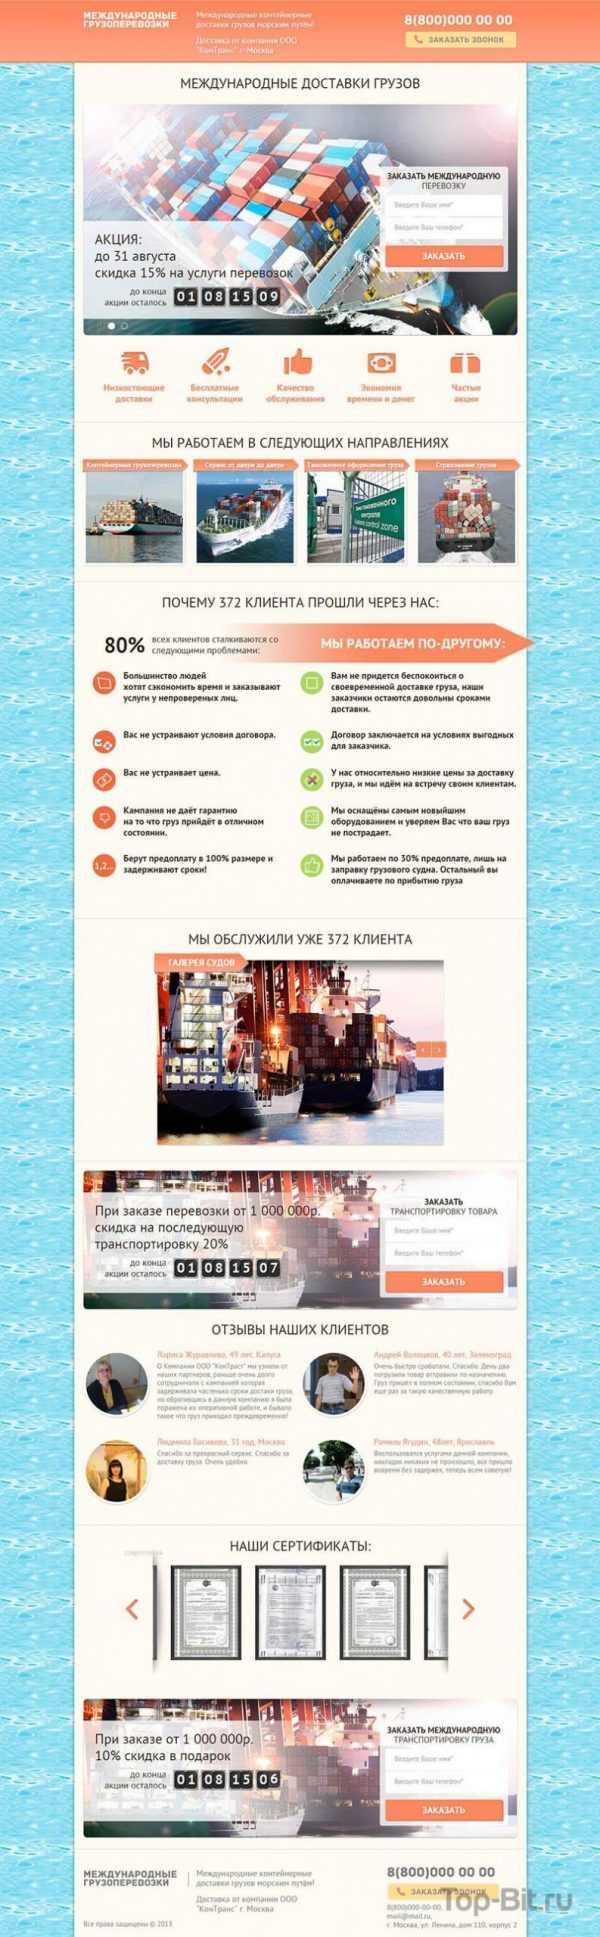 купить Landing Page услуг международной доставки грузов